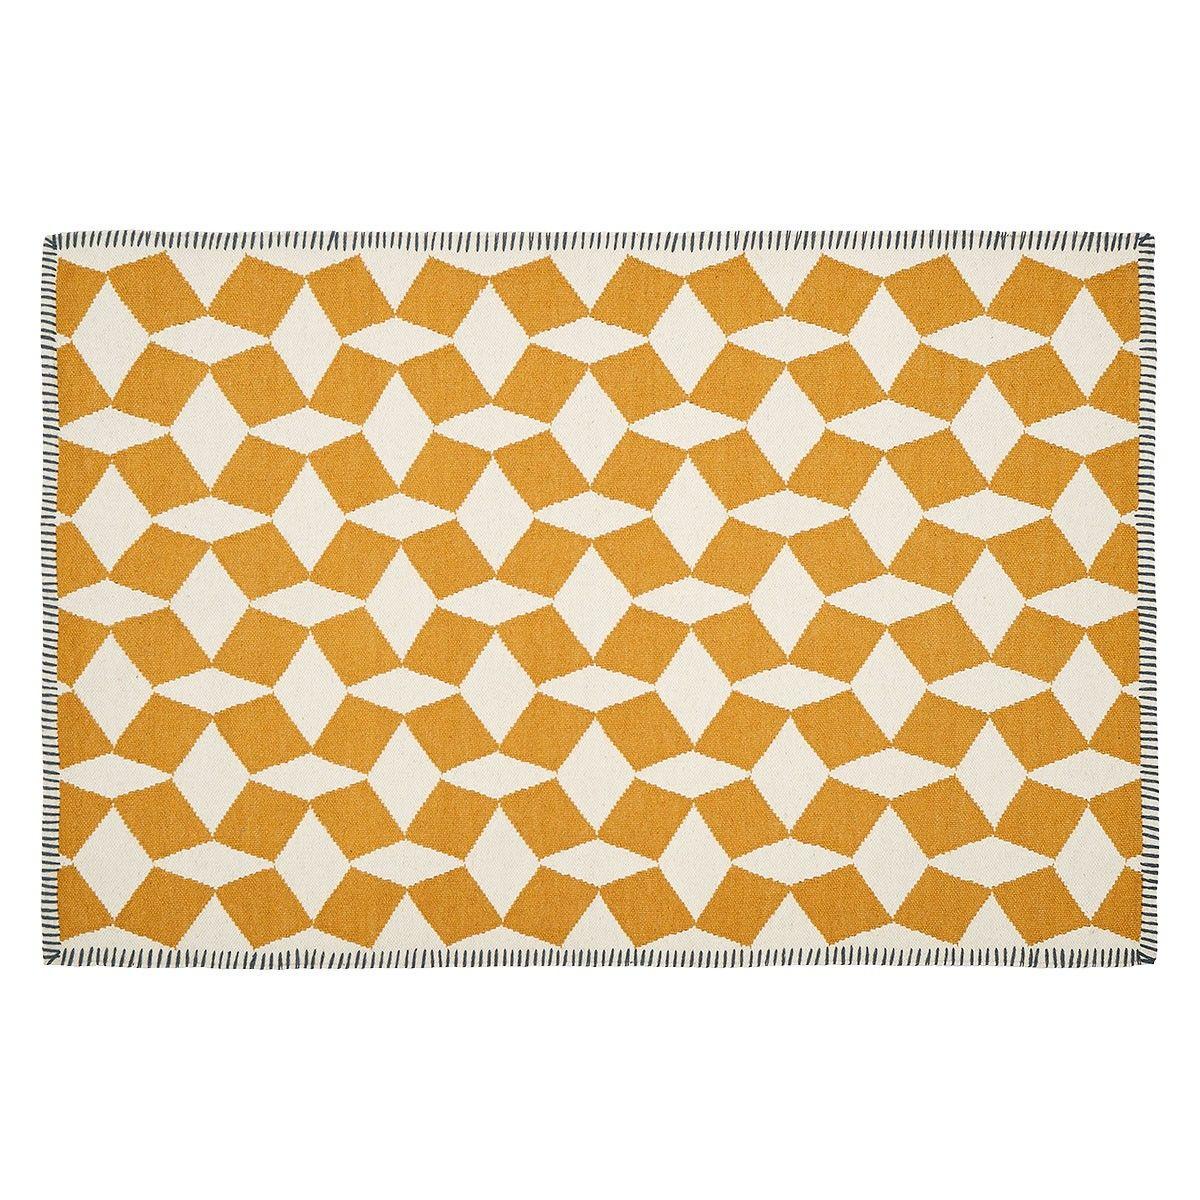 Tiles Large Mustard Flat Weave Wool Rug 120 X 180cm Wool Rug Weaving Rugs